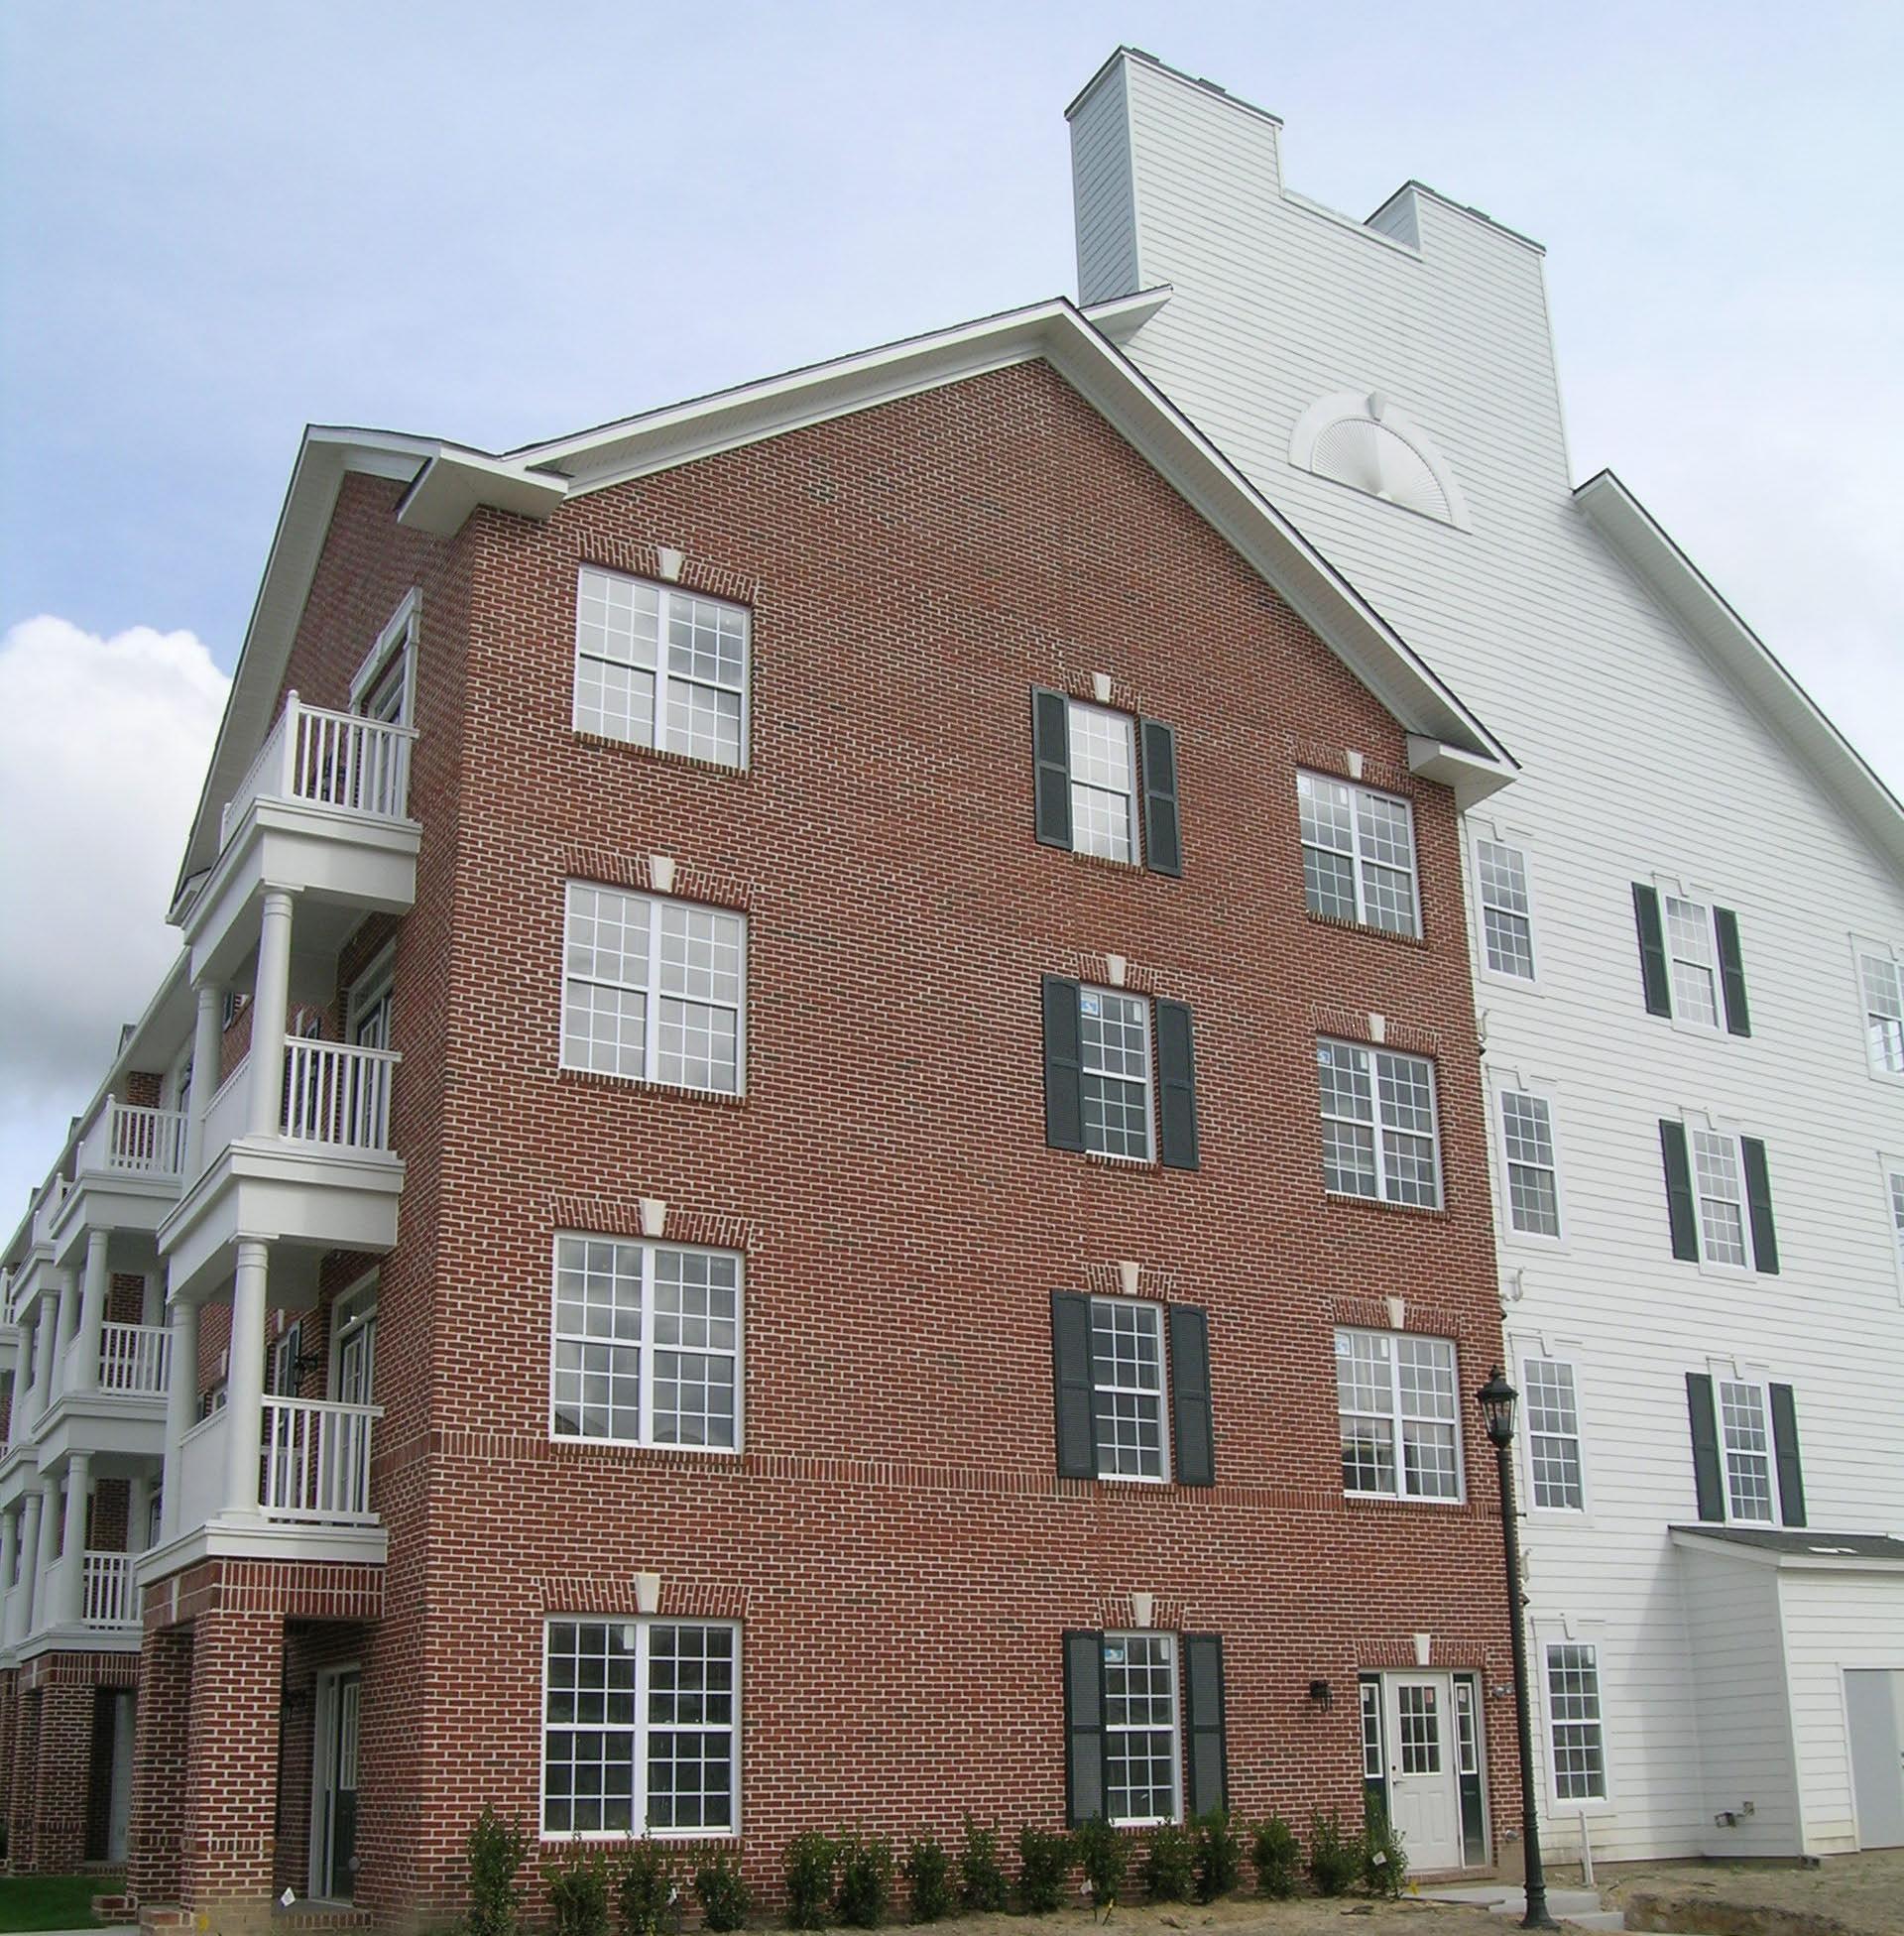 Local Apartments For Rent: Williamsburg VA Luxury Apartment Rentals